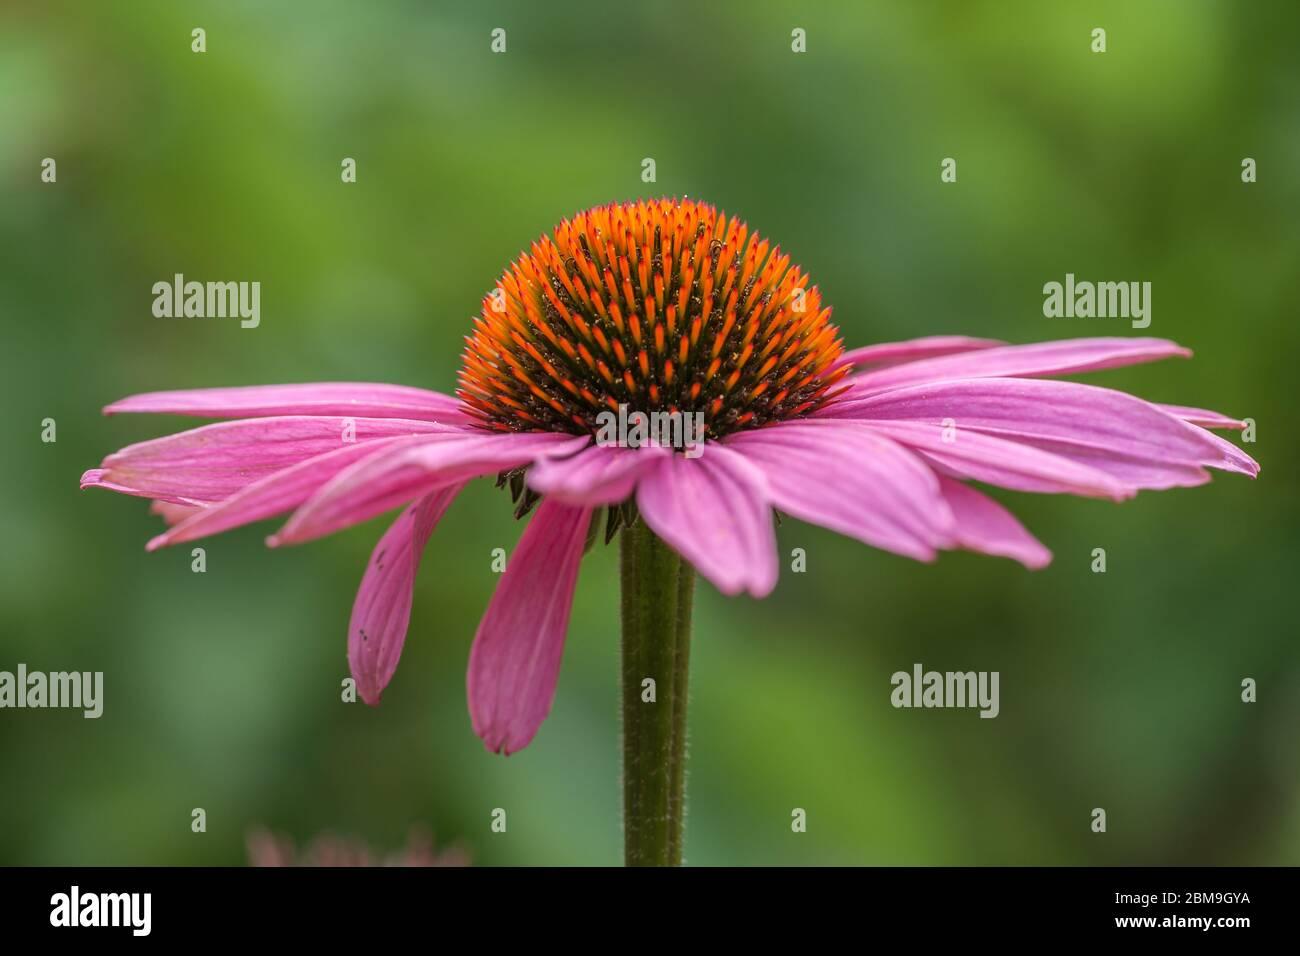 Fleur d'une coneflege (échinacée) en rose Banque D'Images